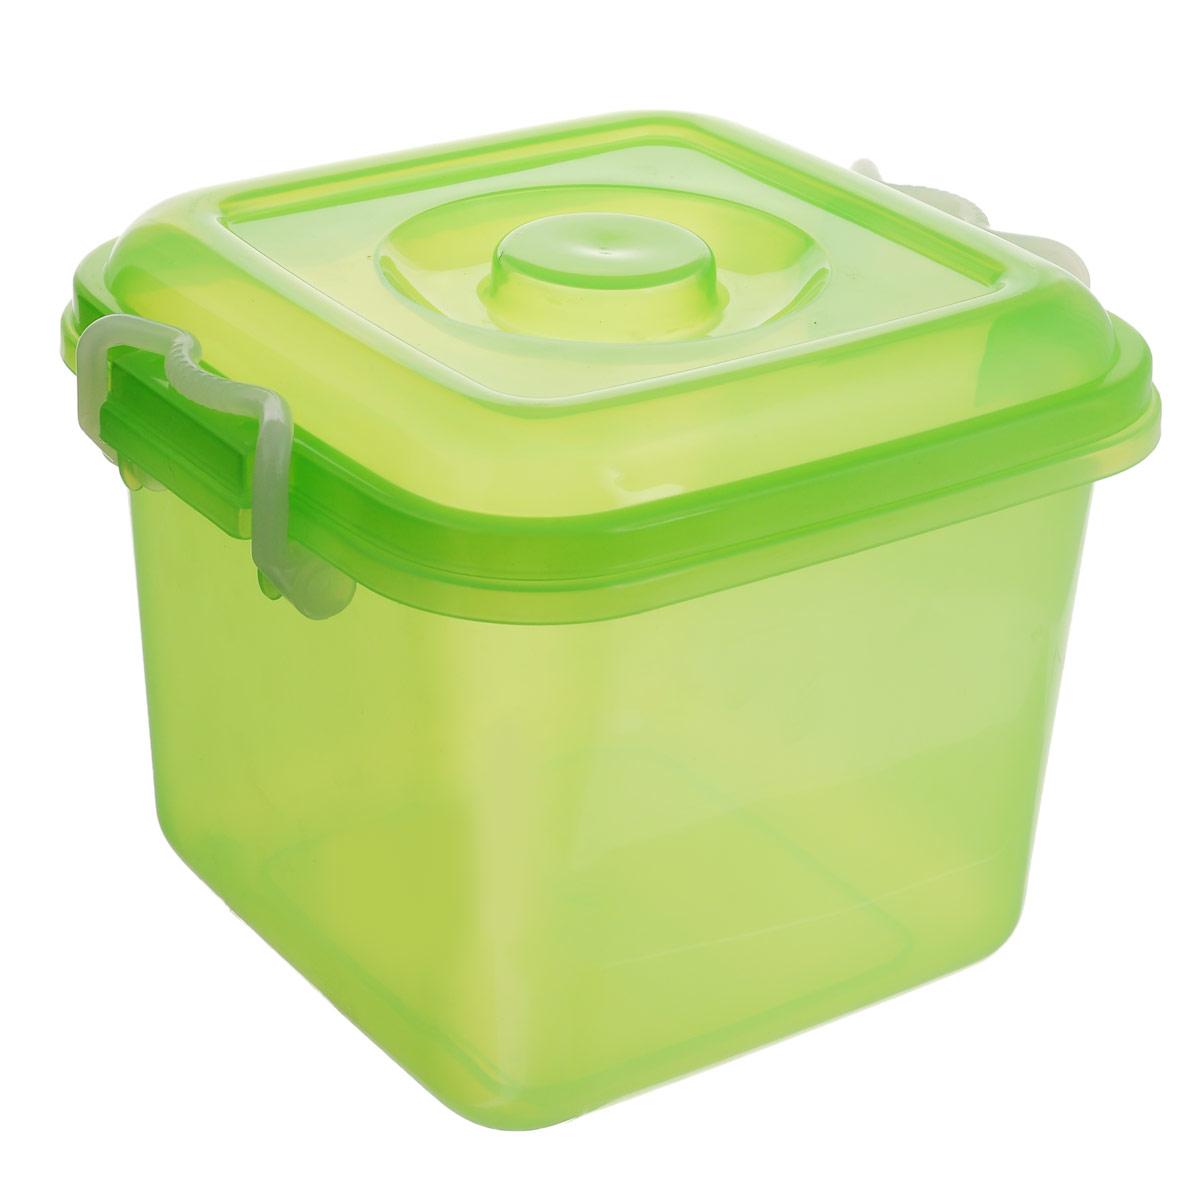 Контейнер для хранения Idea Океаник, цвет: зеленый, 8 лМ 2856Контейнер Idea Океаник выполнен из пищевого пластика, предназначен для хранения различных вещей. Контейнер снабжен эргономичной плотно закрывающейся крышкой со специальными боковыми фиксаторами.